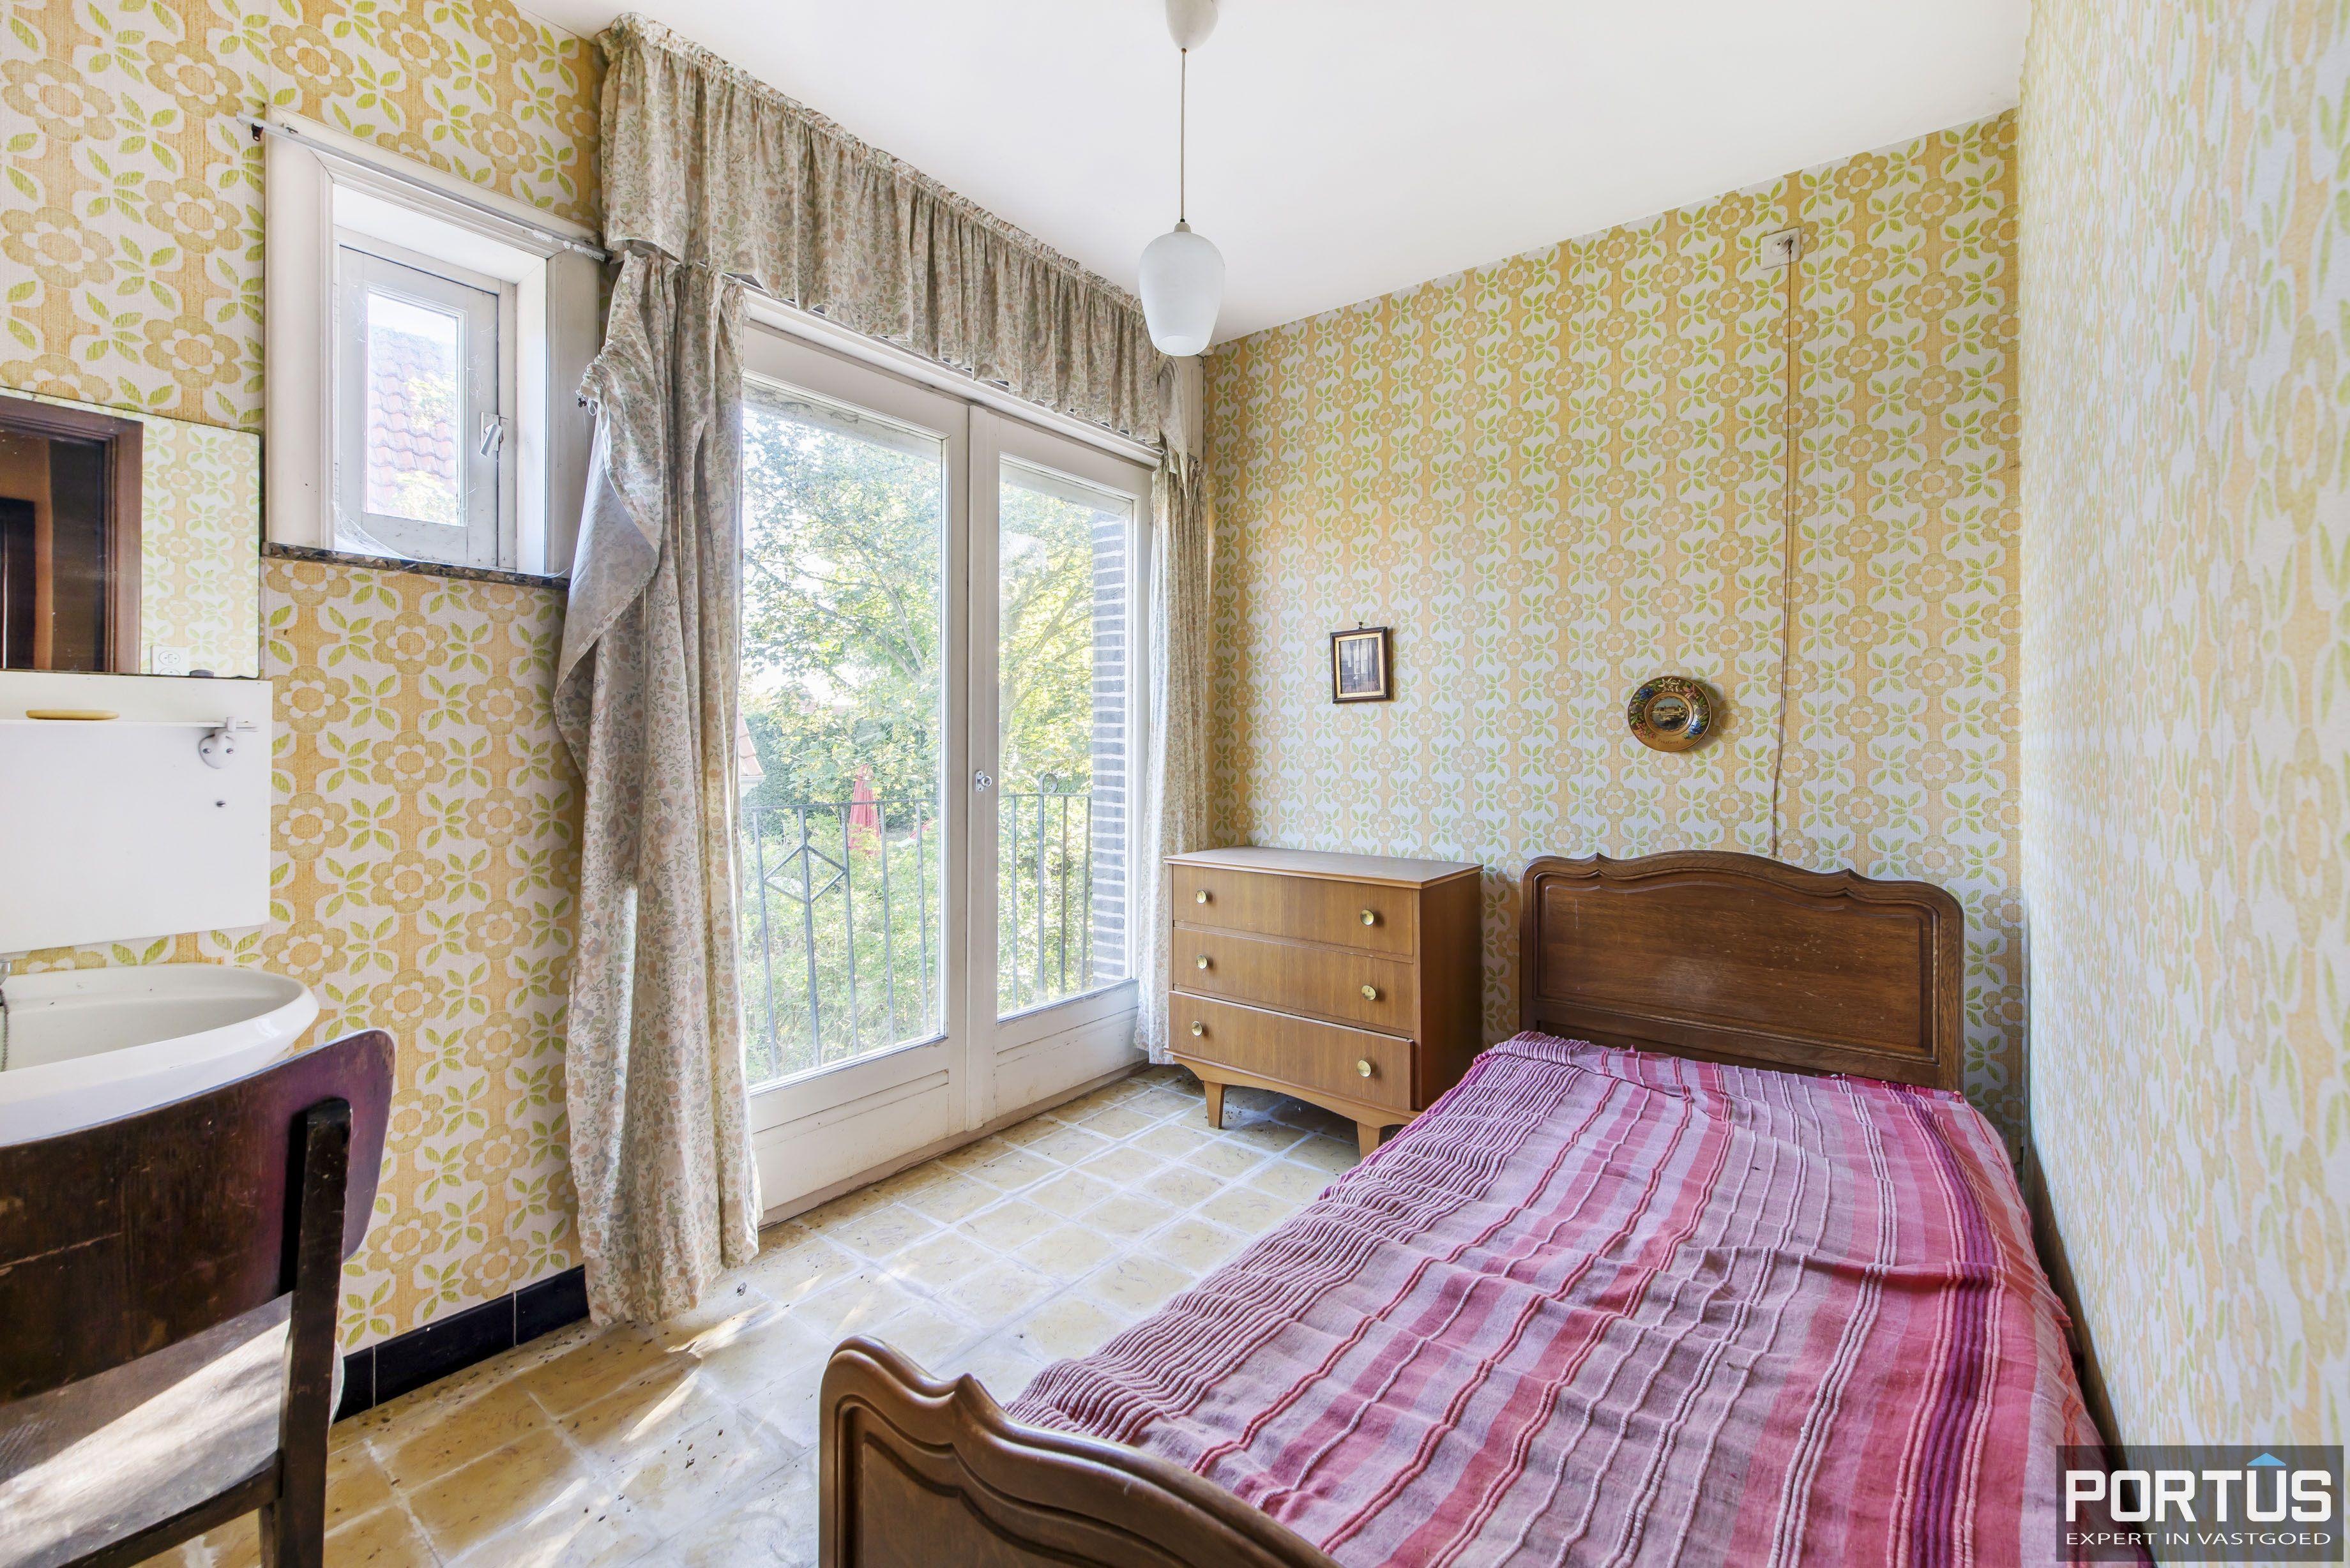 Te renoveren kustvilla te koop te Sint-Idesbald - 8810